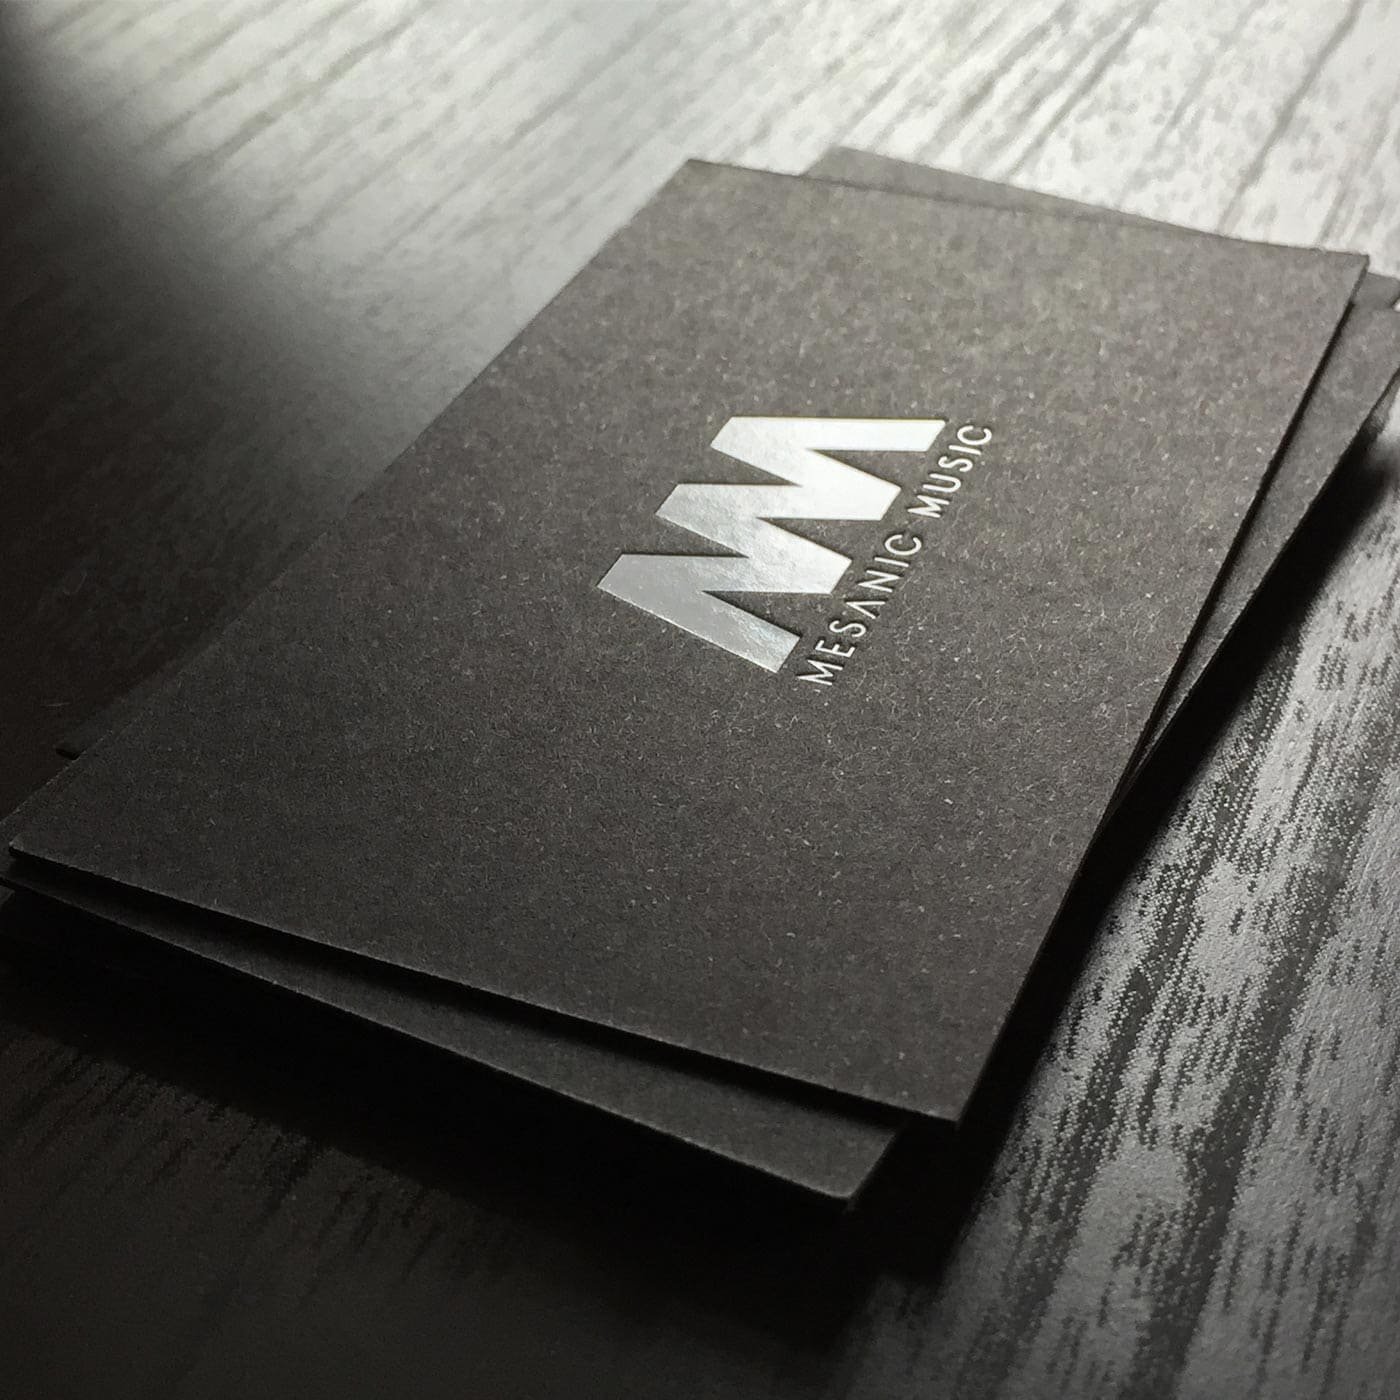 Visitenkarten mit schwarzem Karton mit Folienprägung weiss